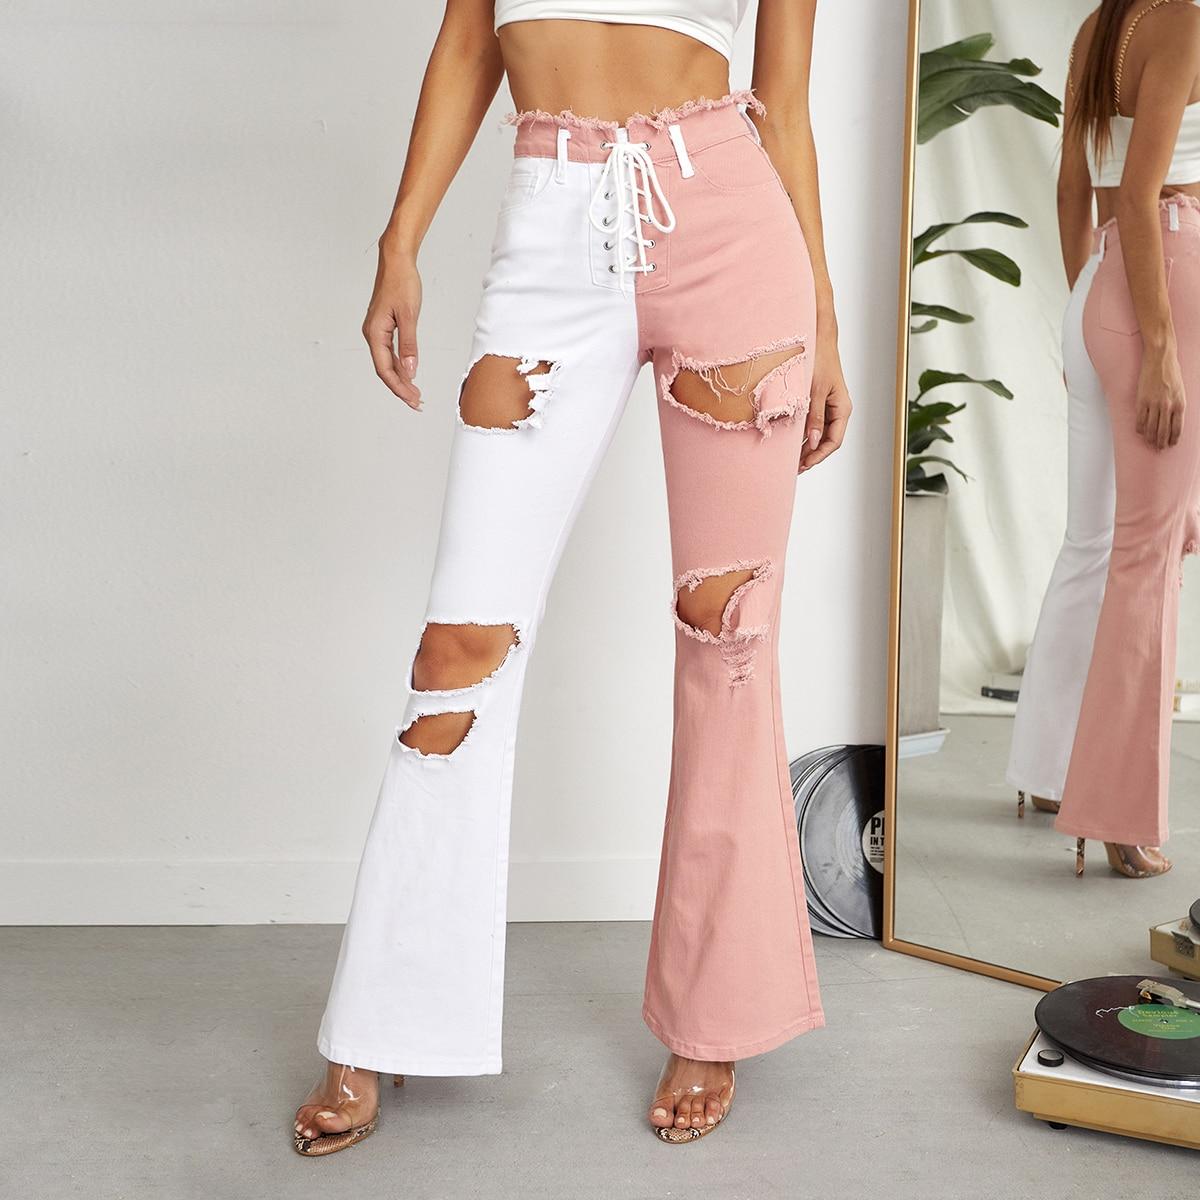 Двухцветные рваные джинсы-клеш со шнурком